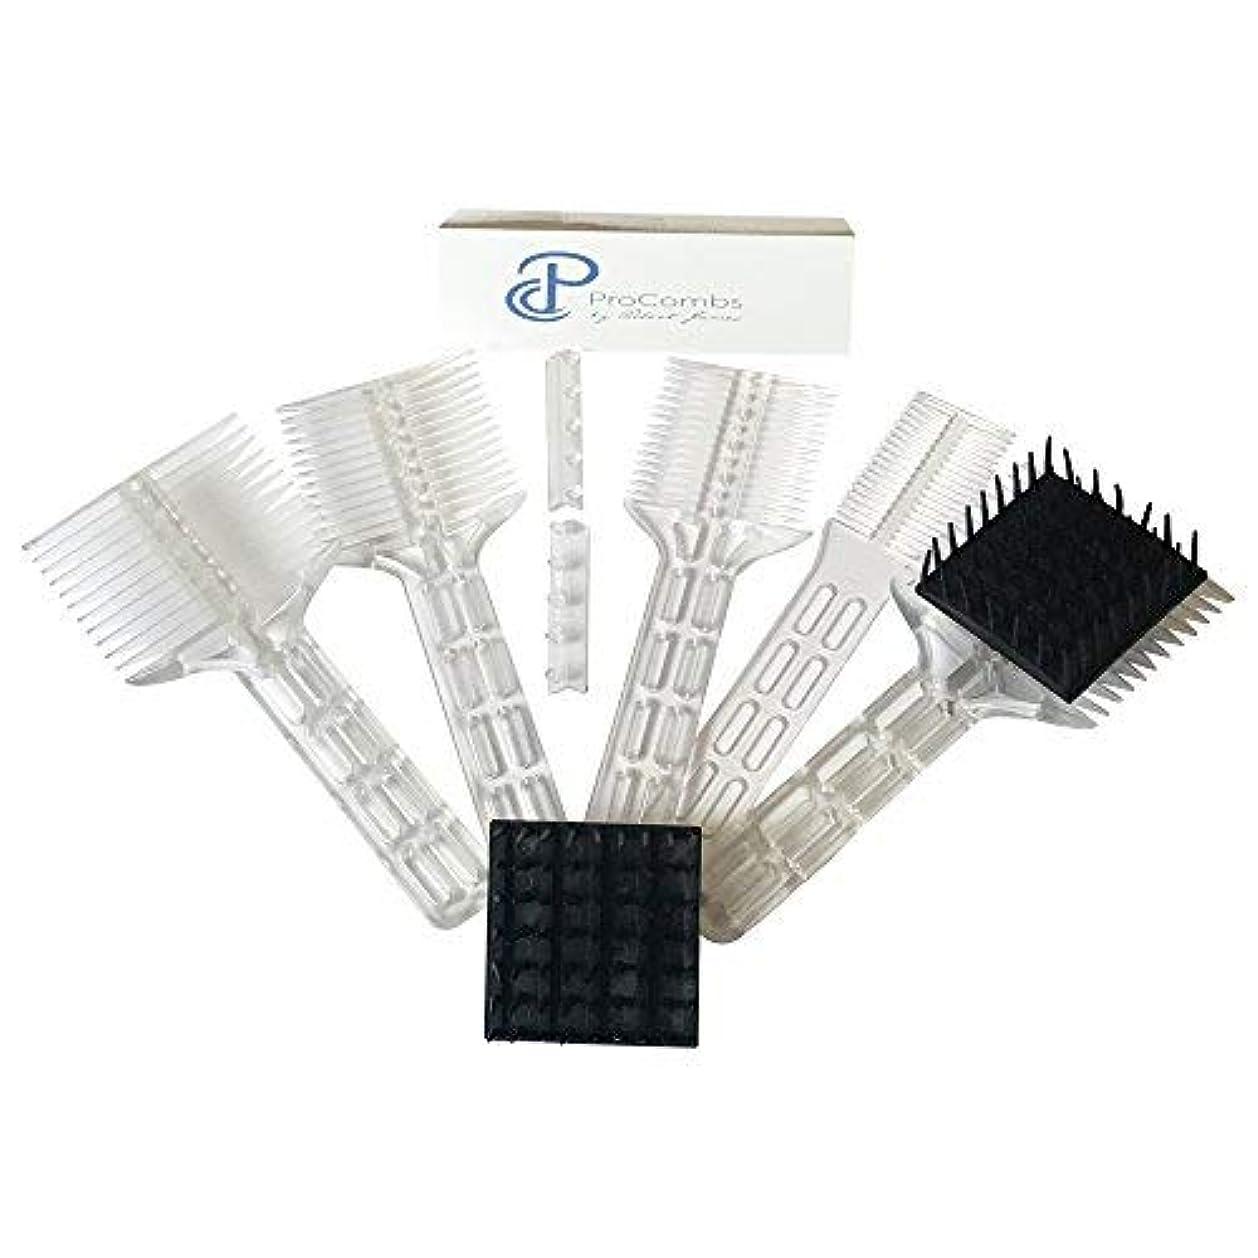 一元化する同封するピアノScissor/Clipper Over Comb Tool For The Perfect Haircut [並行輸入品]